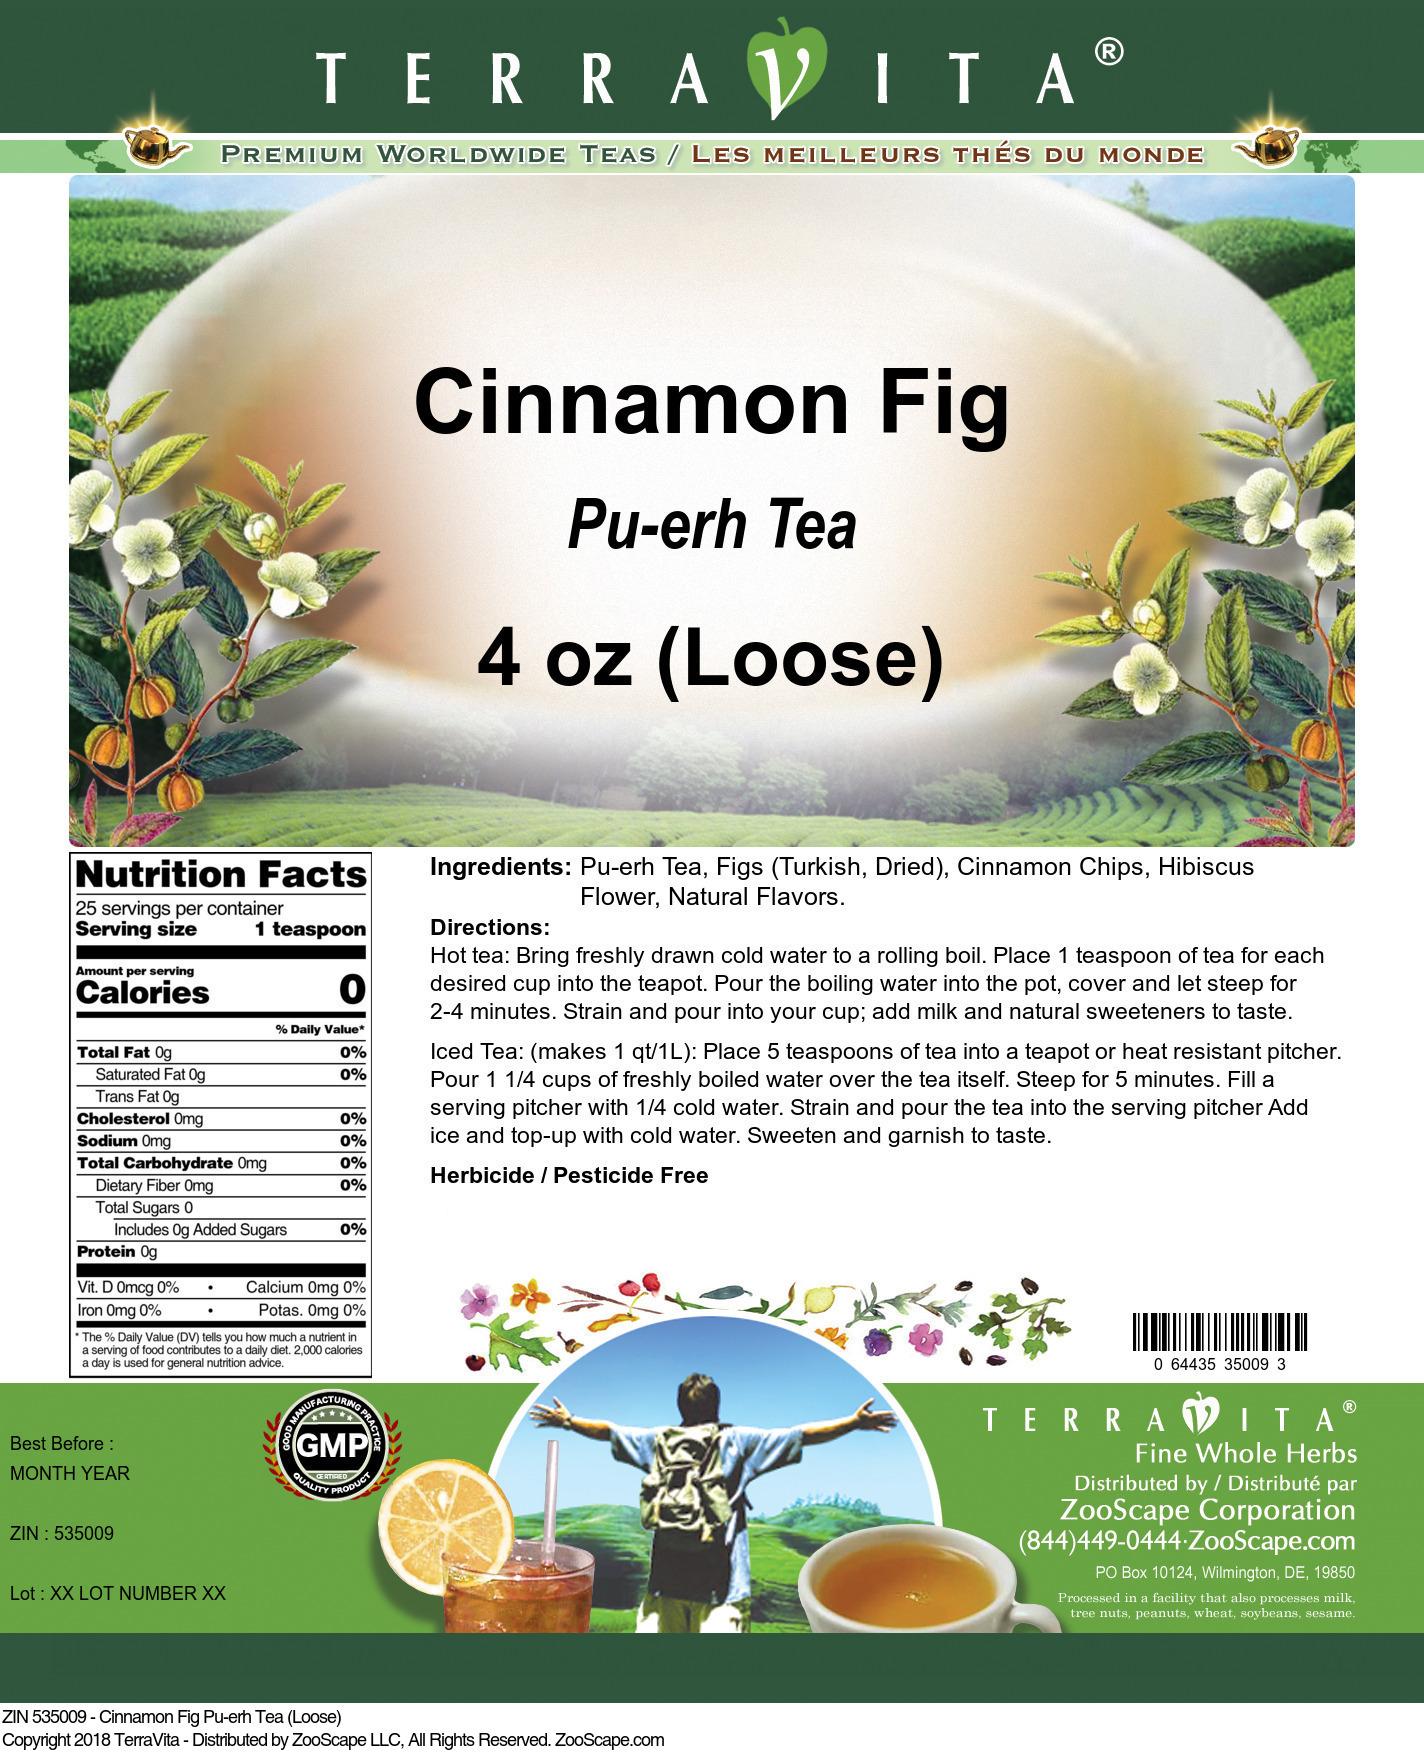 Cinnamon Fig Pu-erh Tea (Loose)